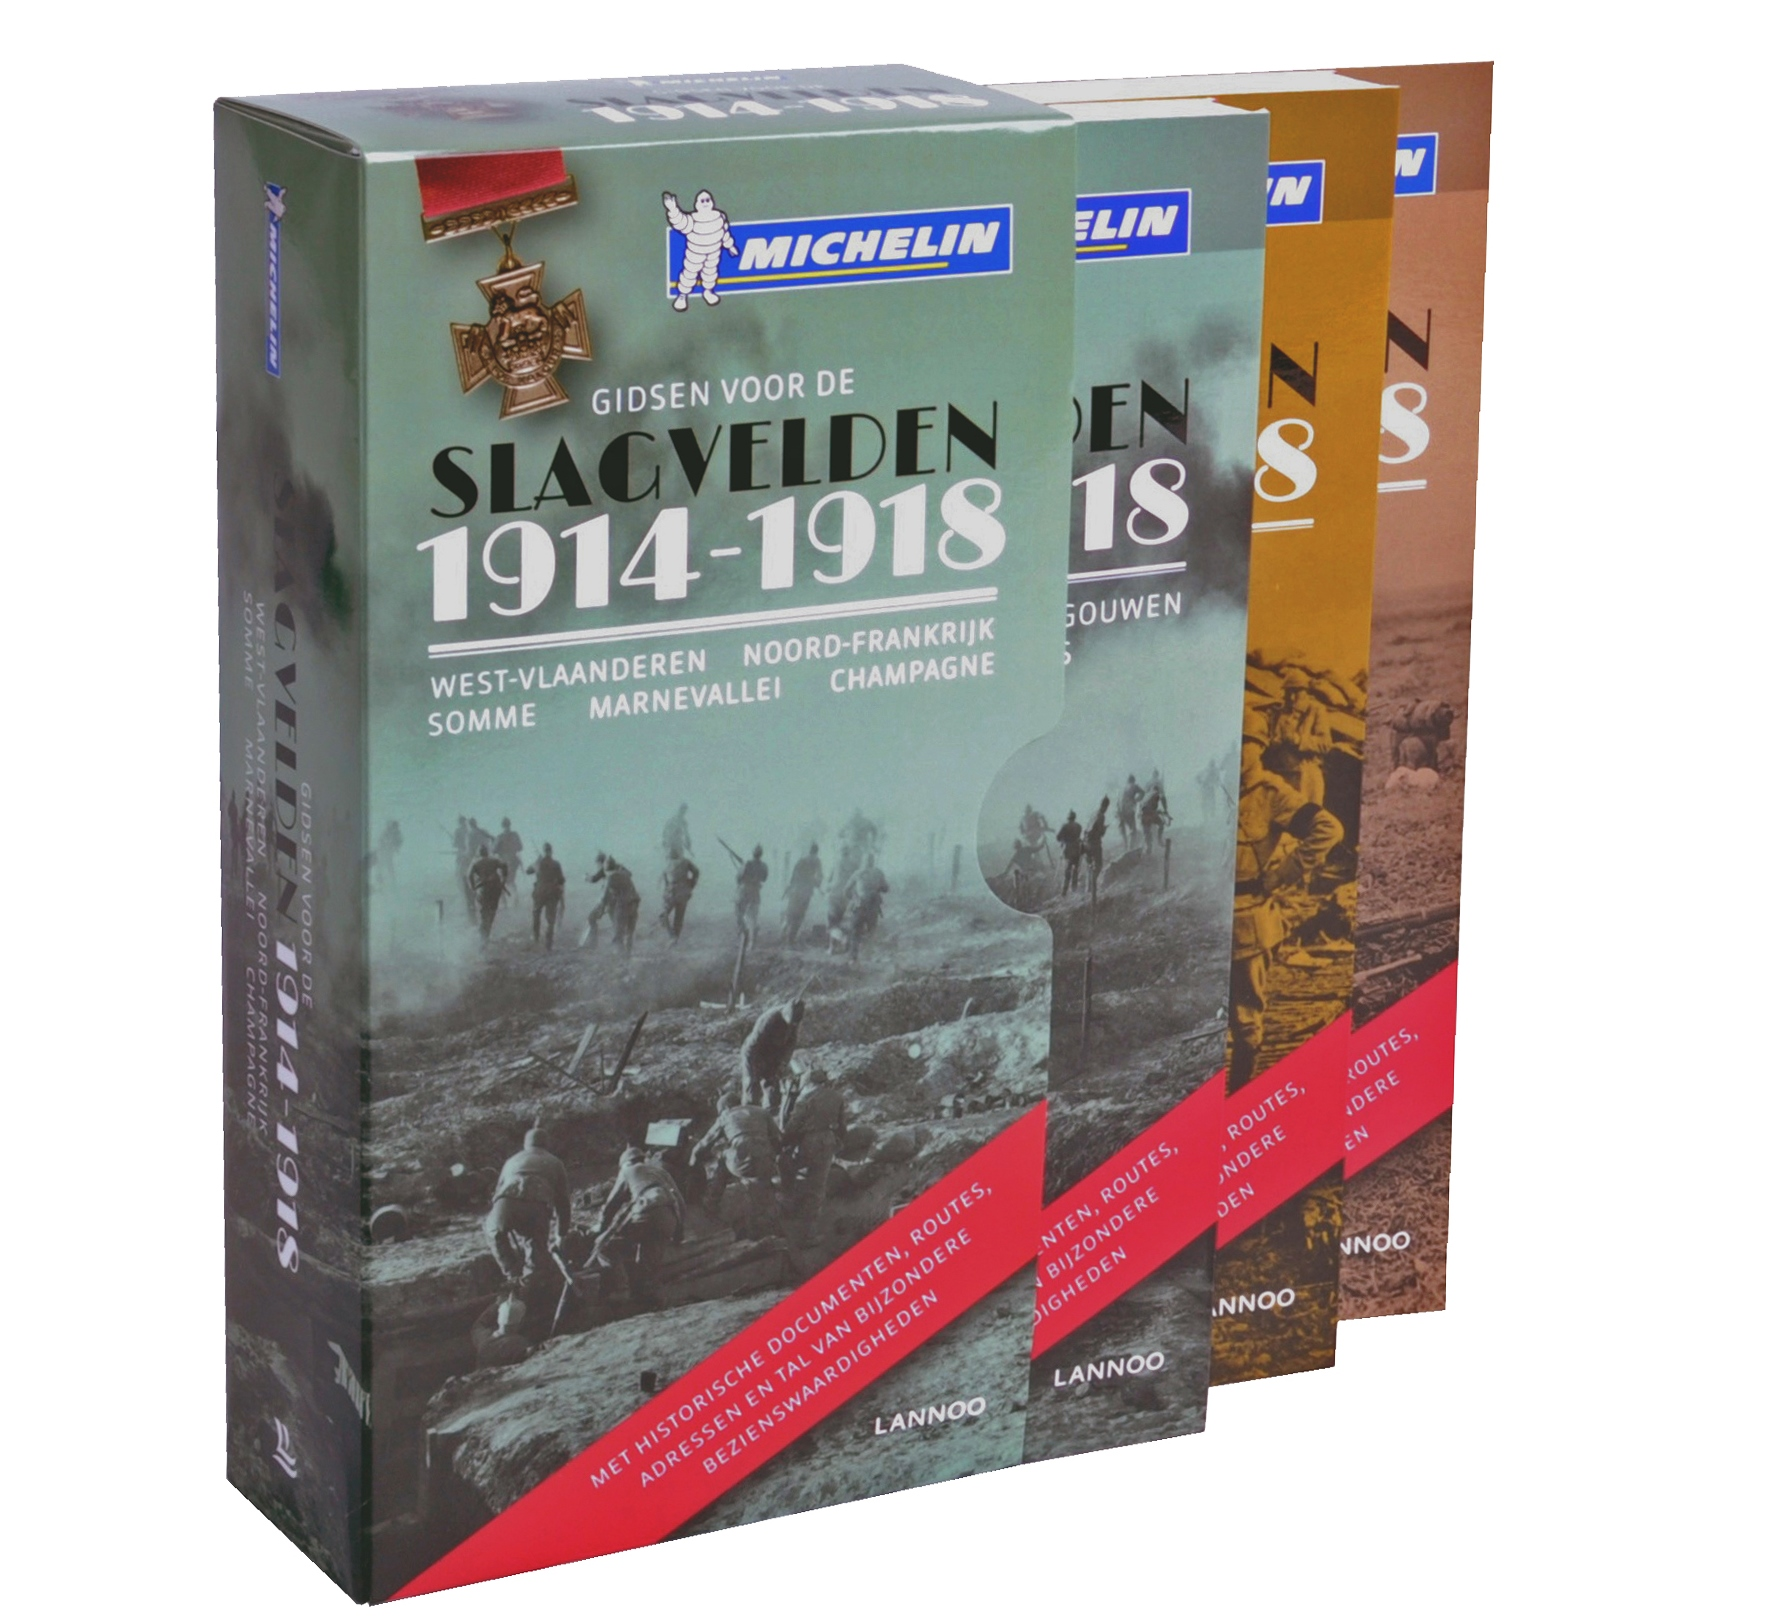 De slagvelden van 1914-1918 | complete set 9789401436397  Lannoo   Historische reisgidsen, Landeninformatie, Reisgidsen Europa